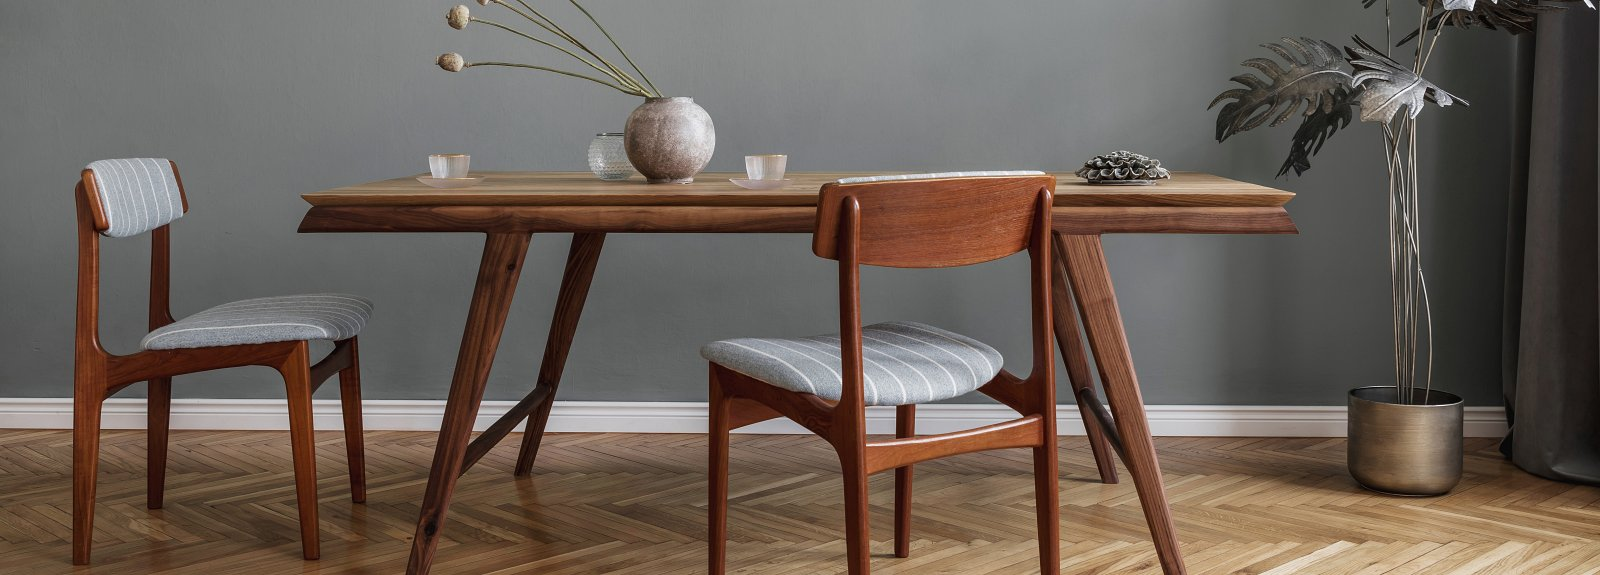 masa-sandalye-cesitleri-mobilya-dekor-ankara-karegori-banner